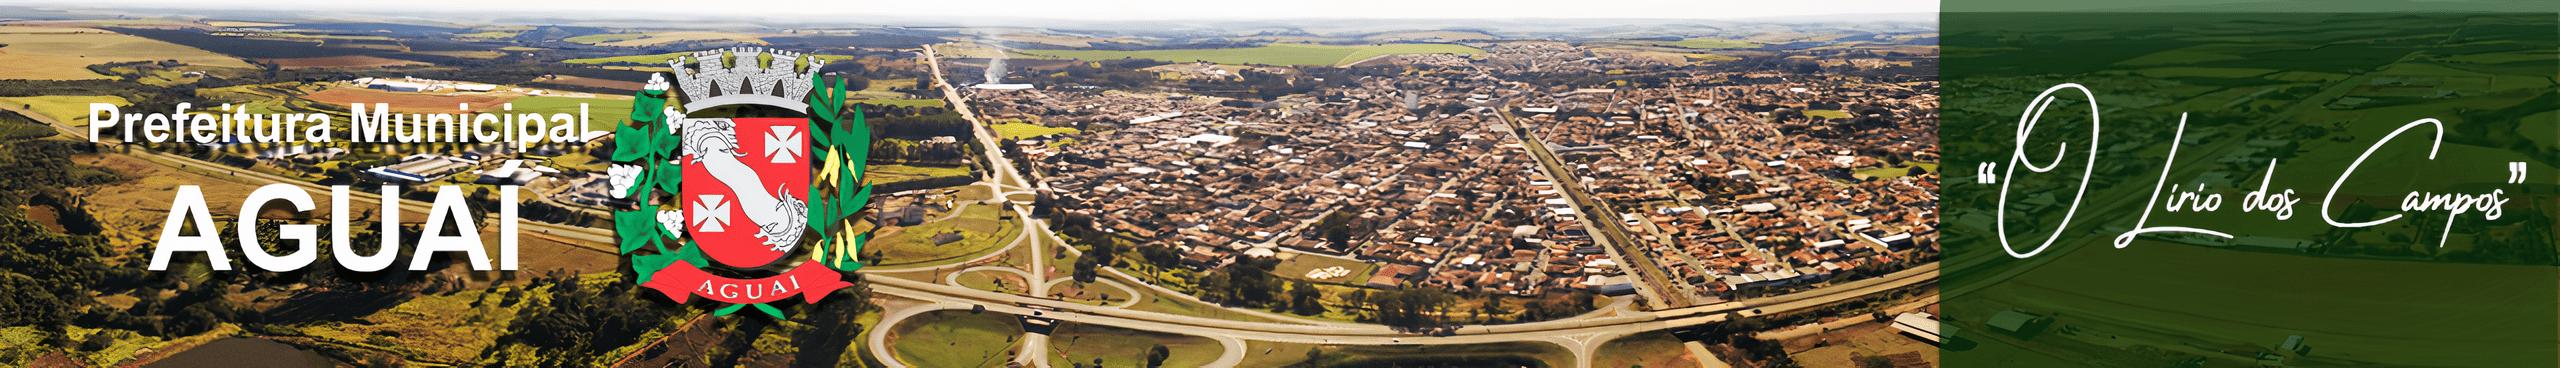 Prefeitura Municipal de Aguaí